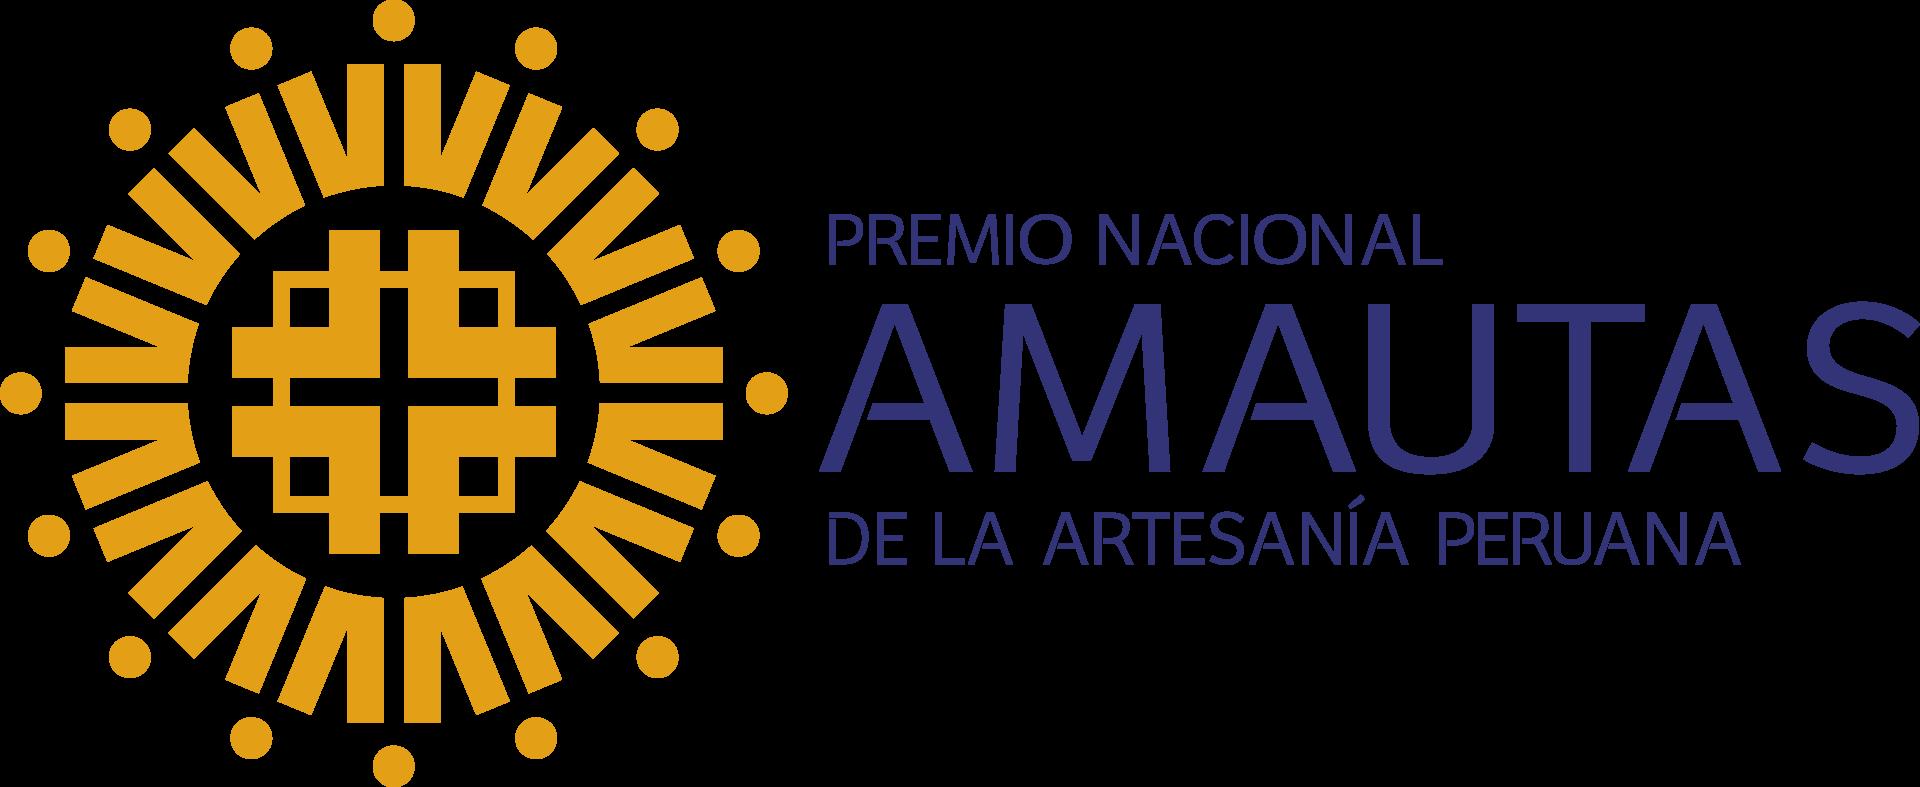 Premio Nacional Amautas de la Artesanía